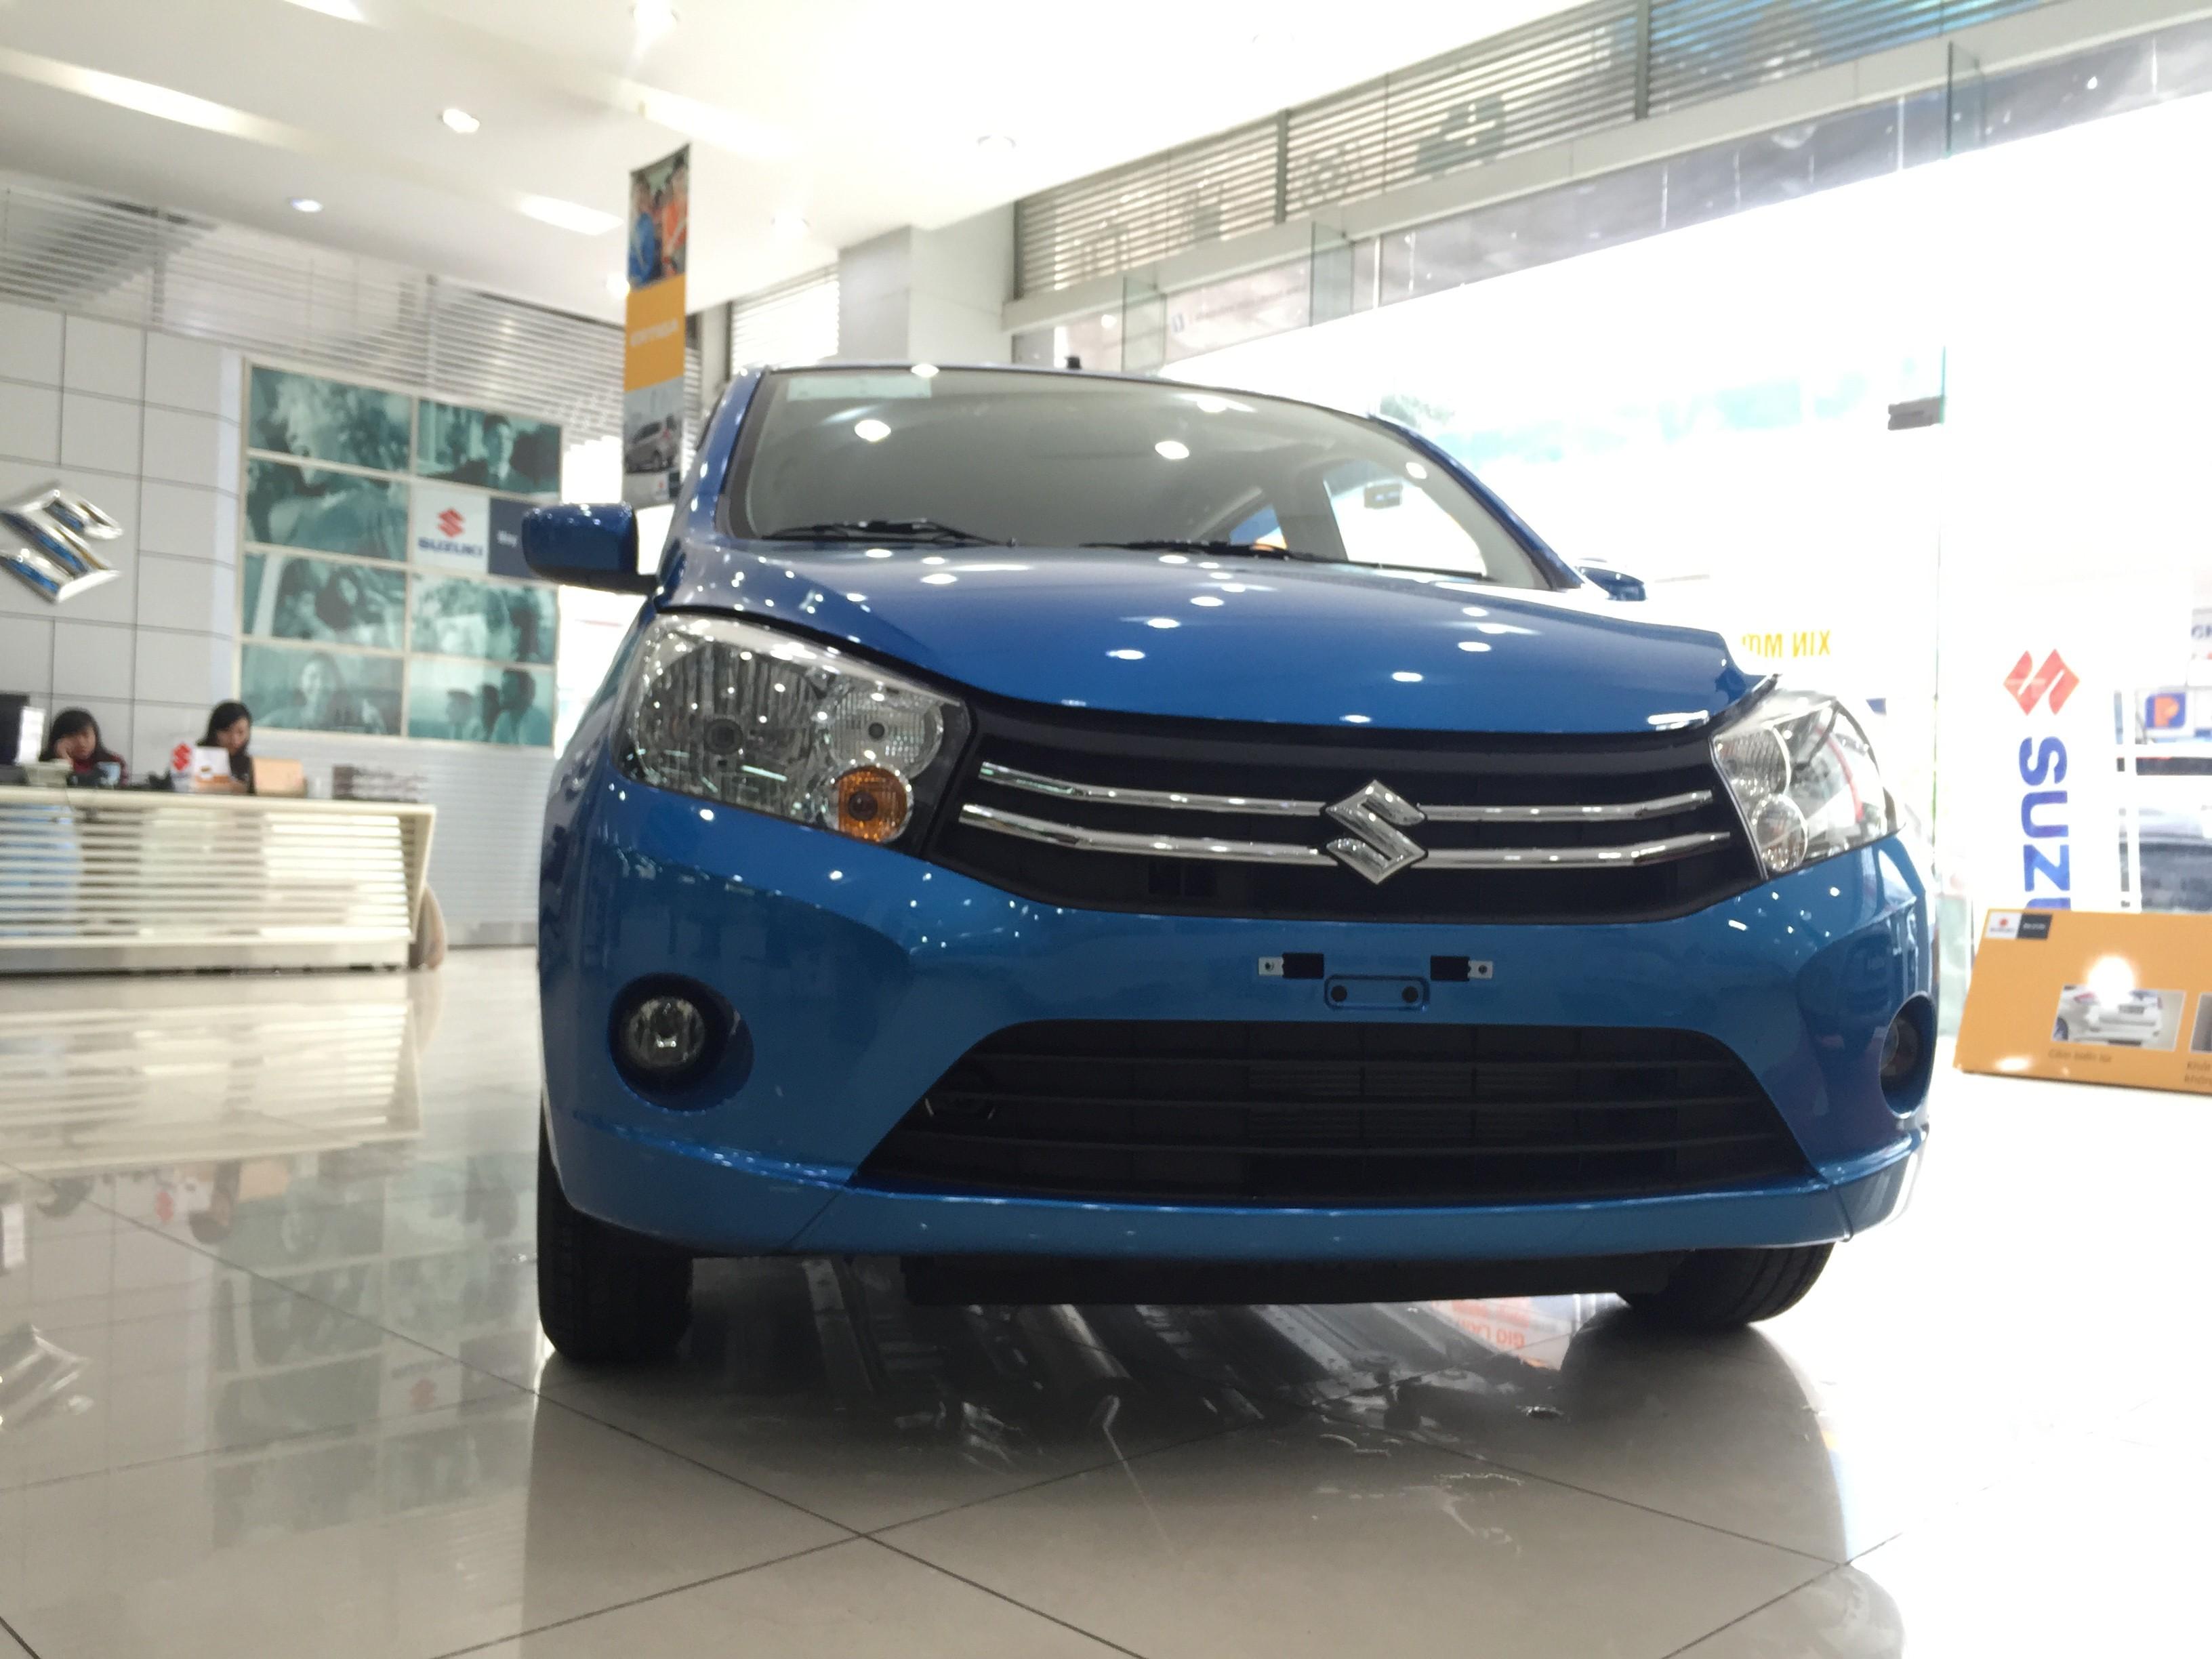 Thị trường xe - Suzuki Celerio đầu tiên về Hà Nội, giá 359 triệu đồng